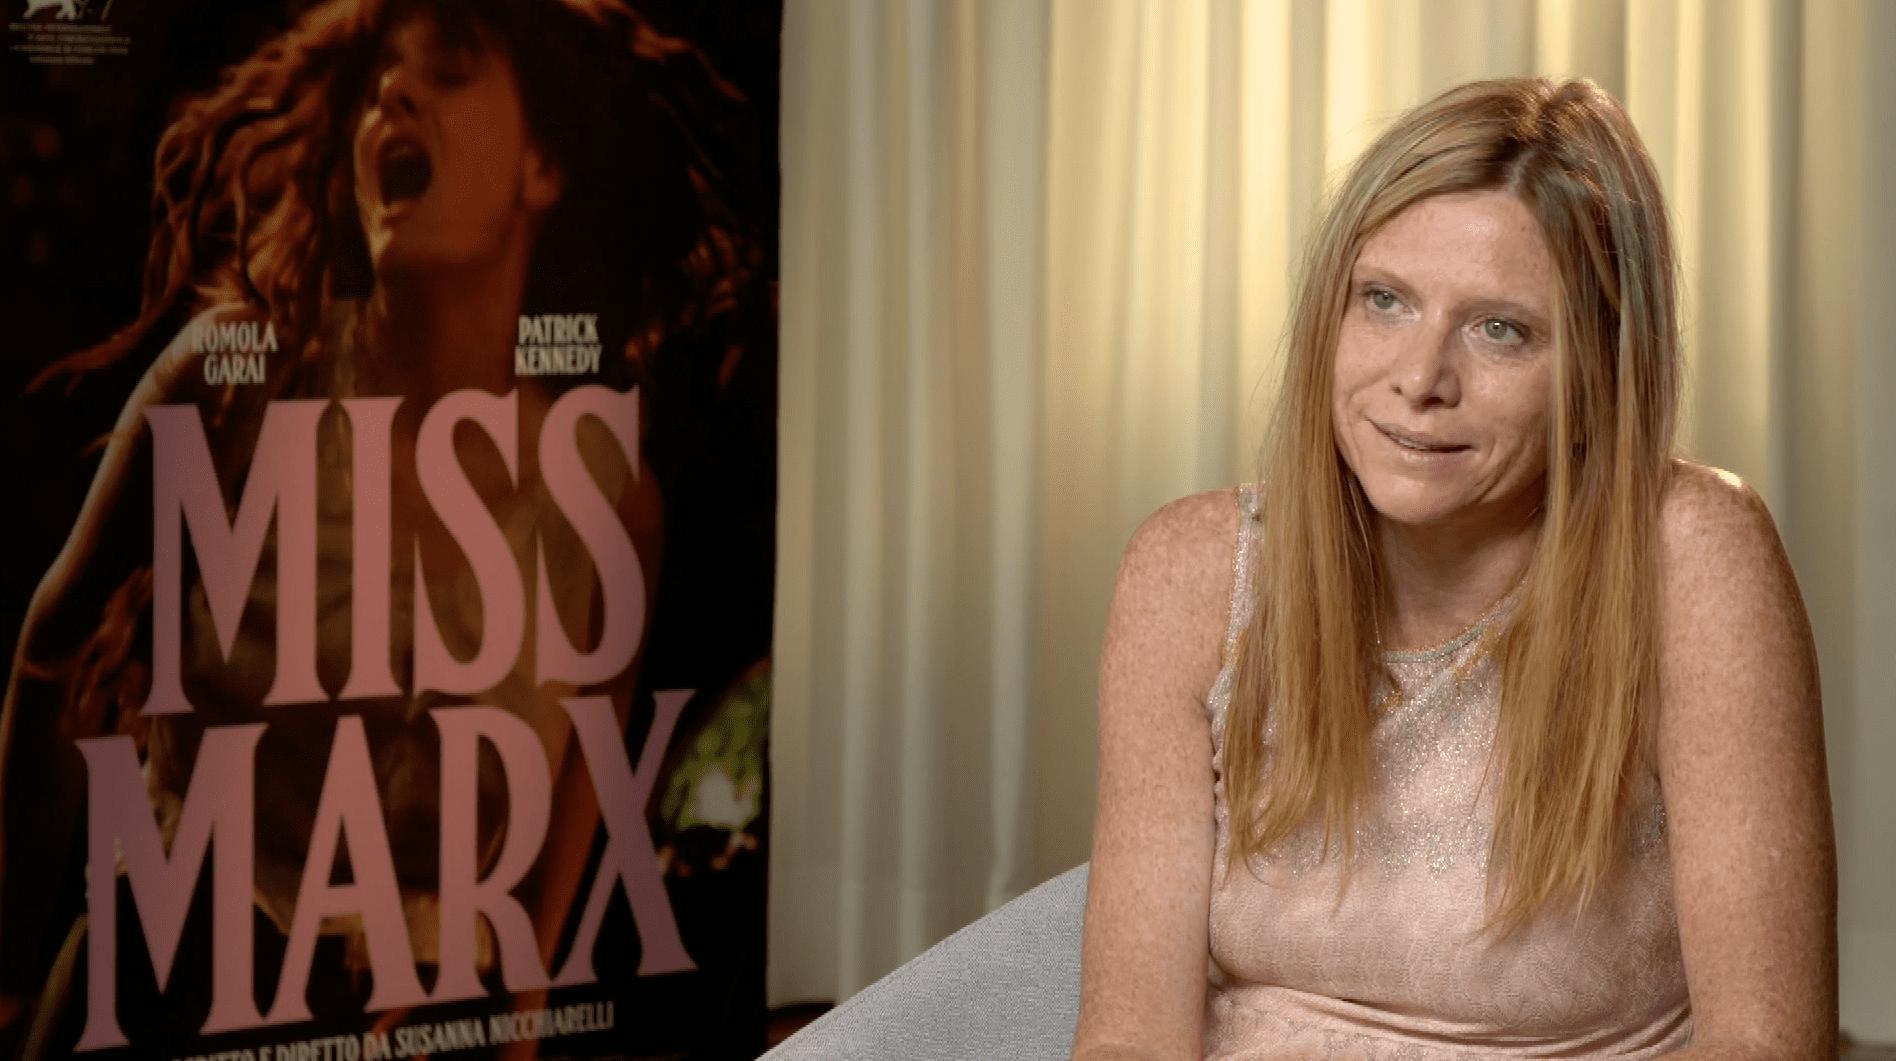 """Susanna Nicchiarelli su Miss Marx: """"Speriamo di arrivare a parlare solo dei film e non del sesso di chi li ha diretti"""""""